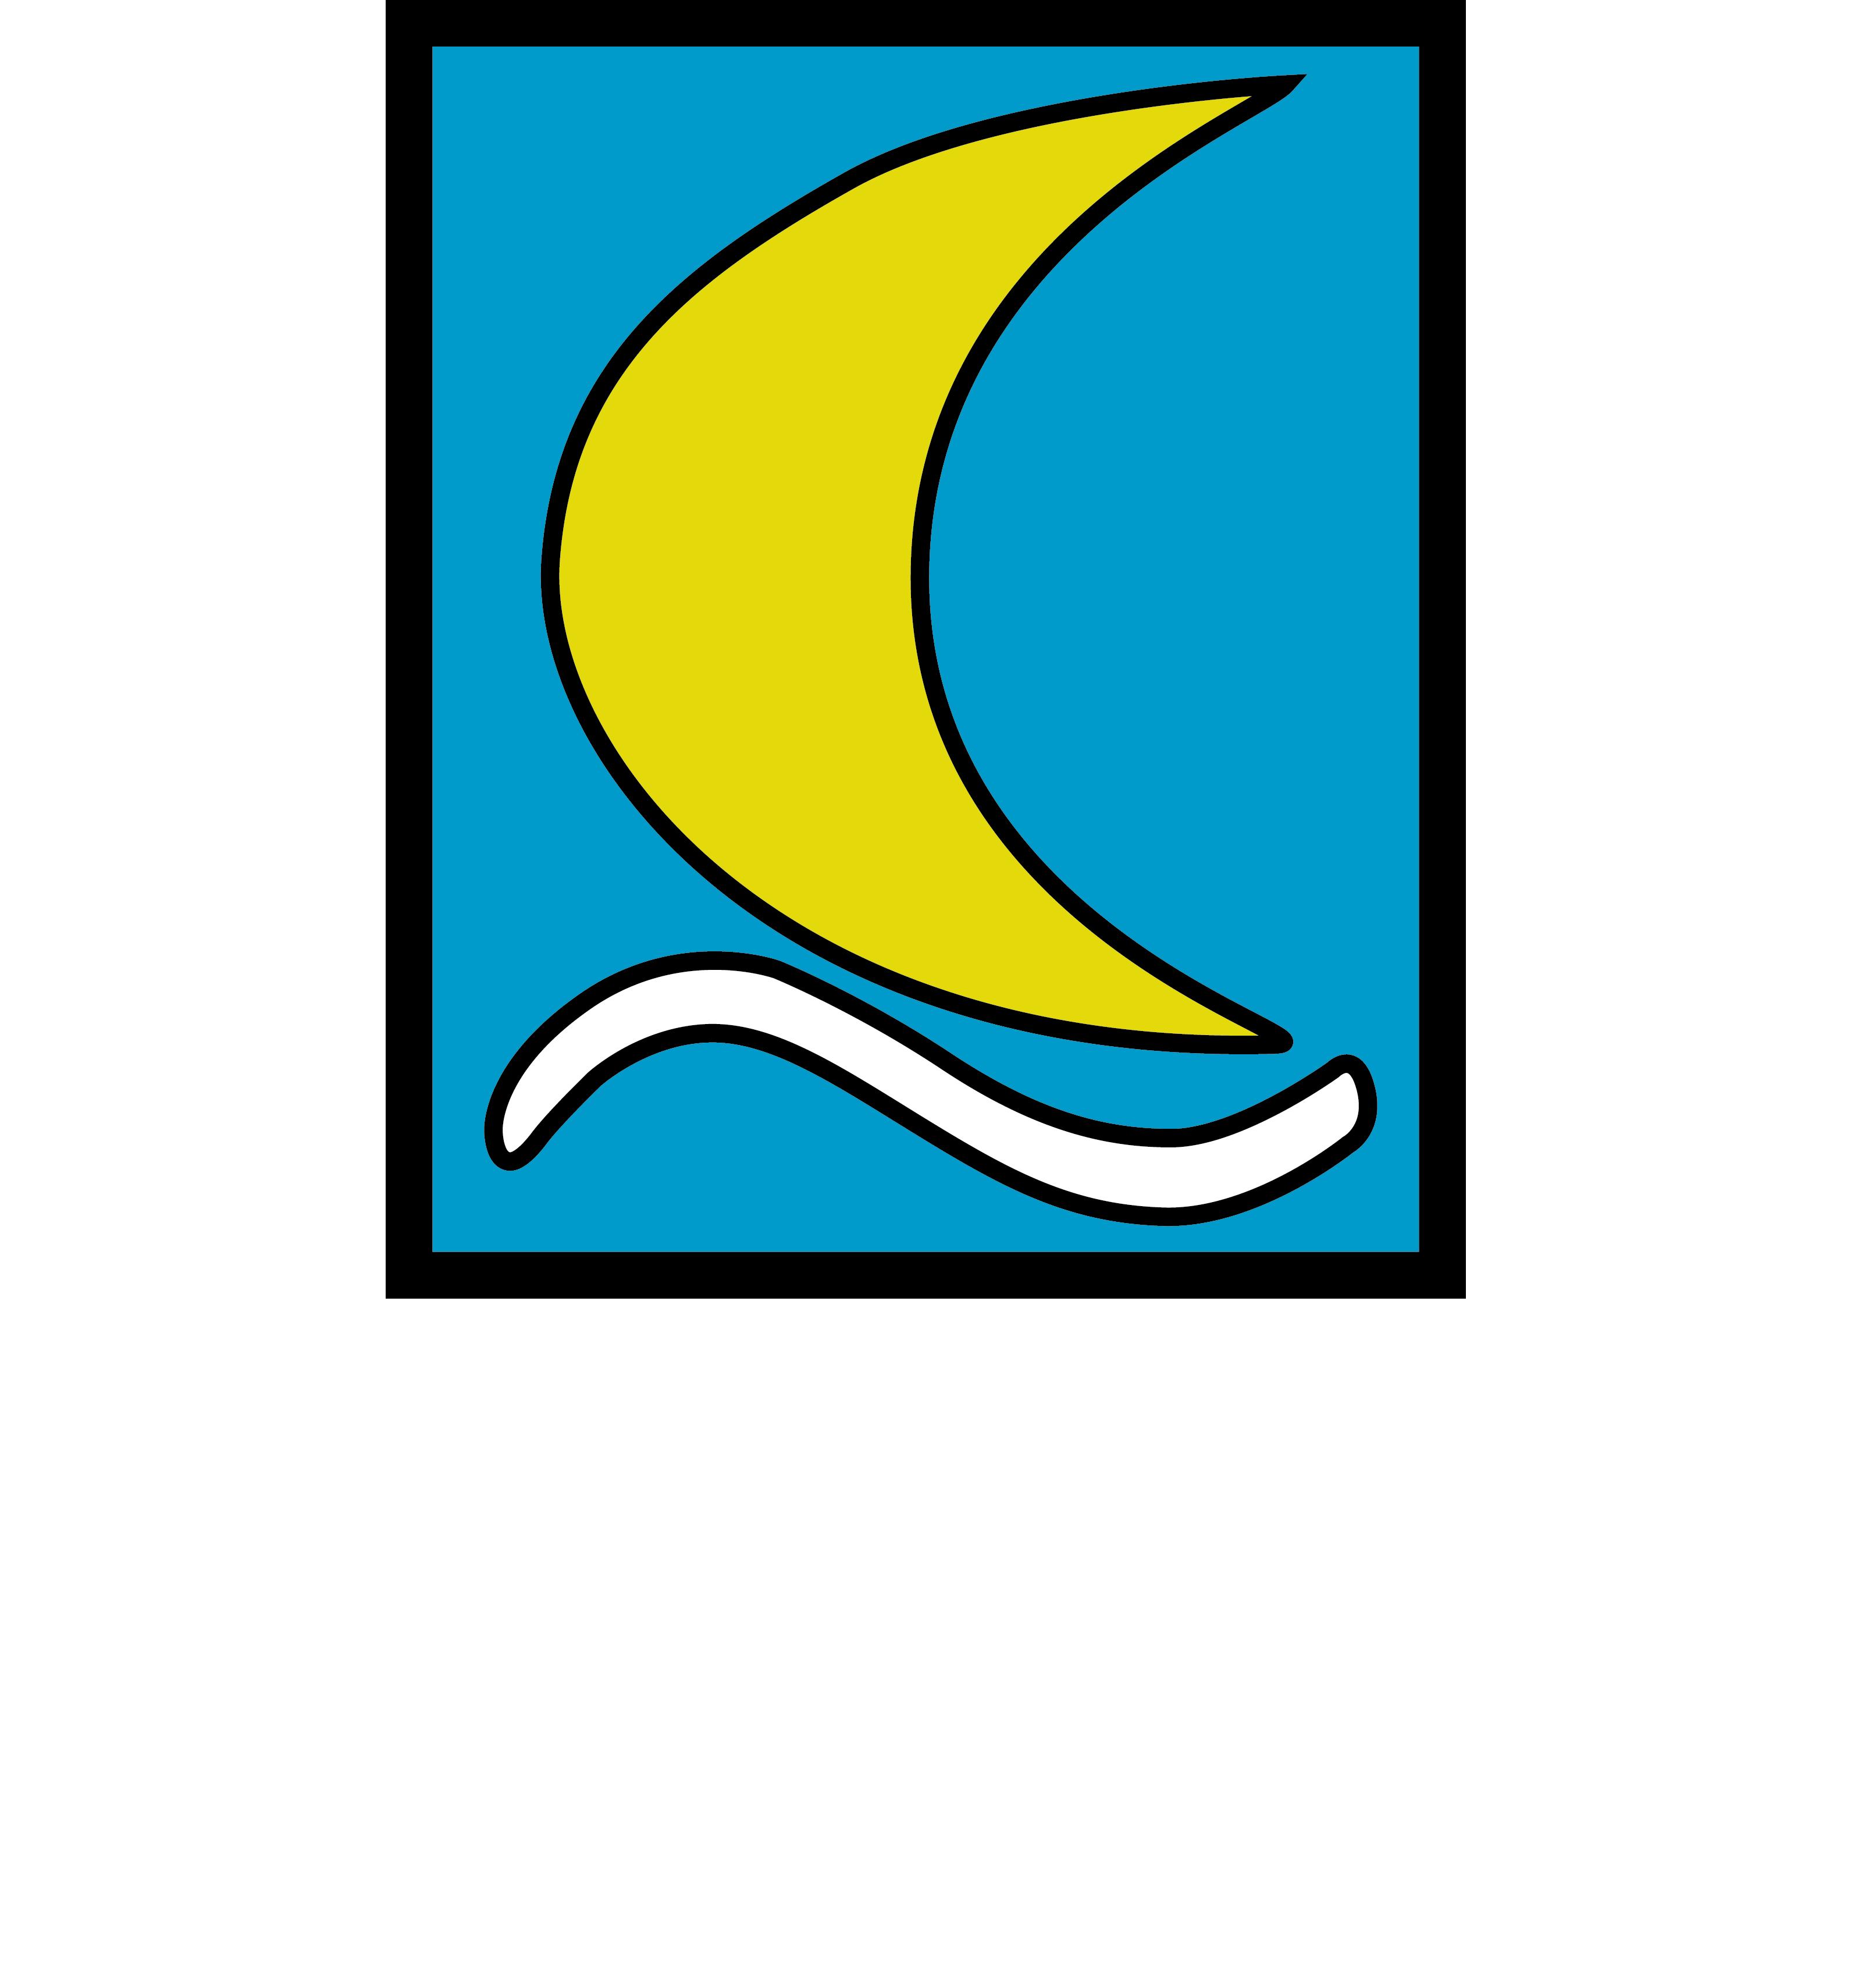 Hotel Agualuna, Ecoturismo y Aventura en San Gil, Santander Colombia